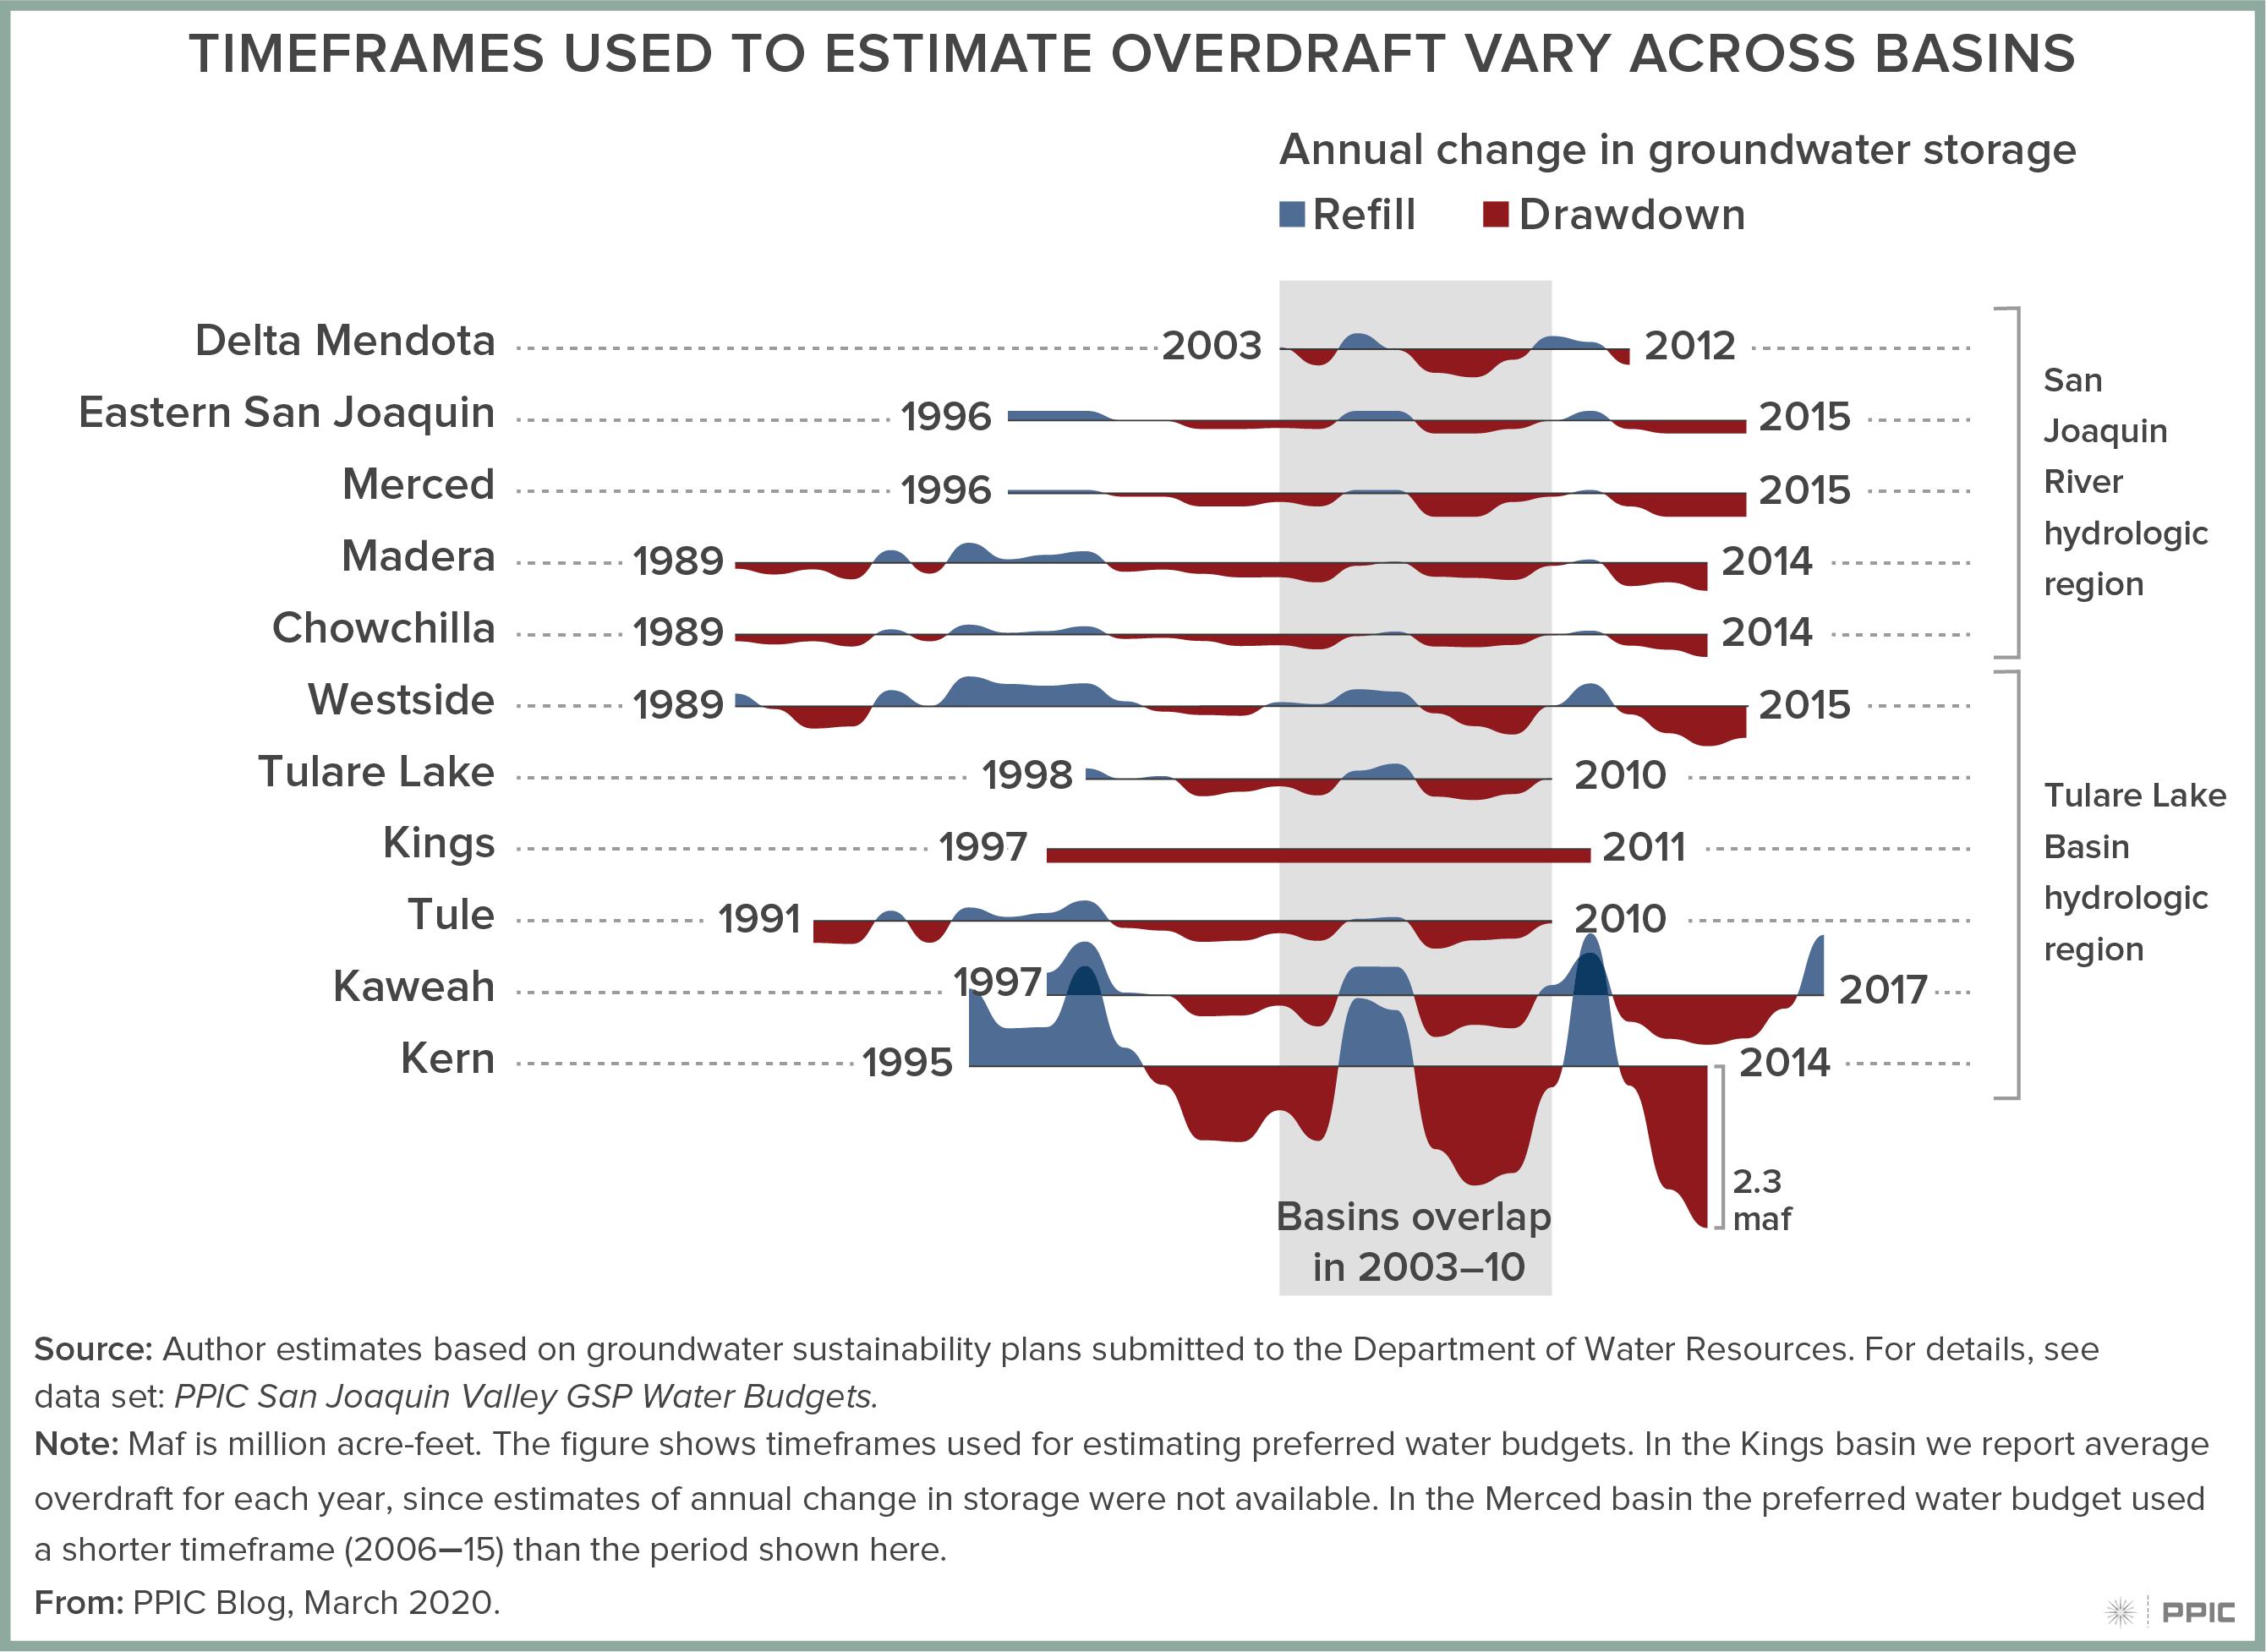 figure - Timeframes Used to Estimate Overdraft Vary across Basins